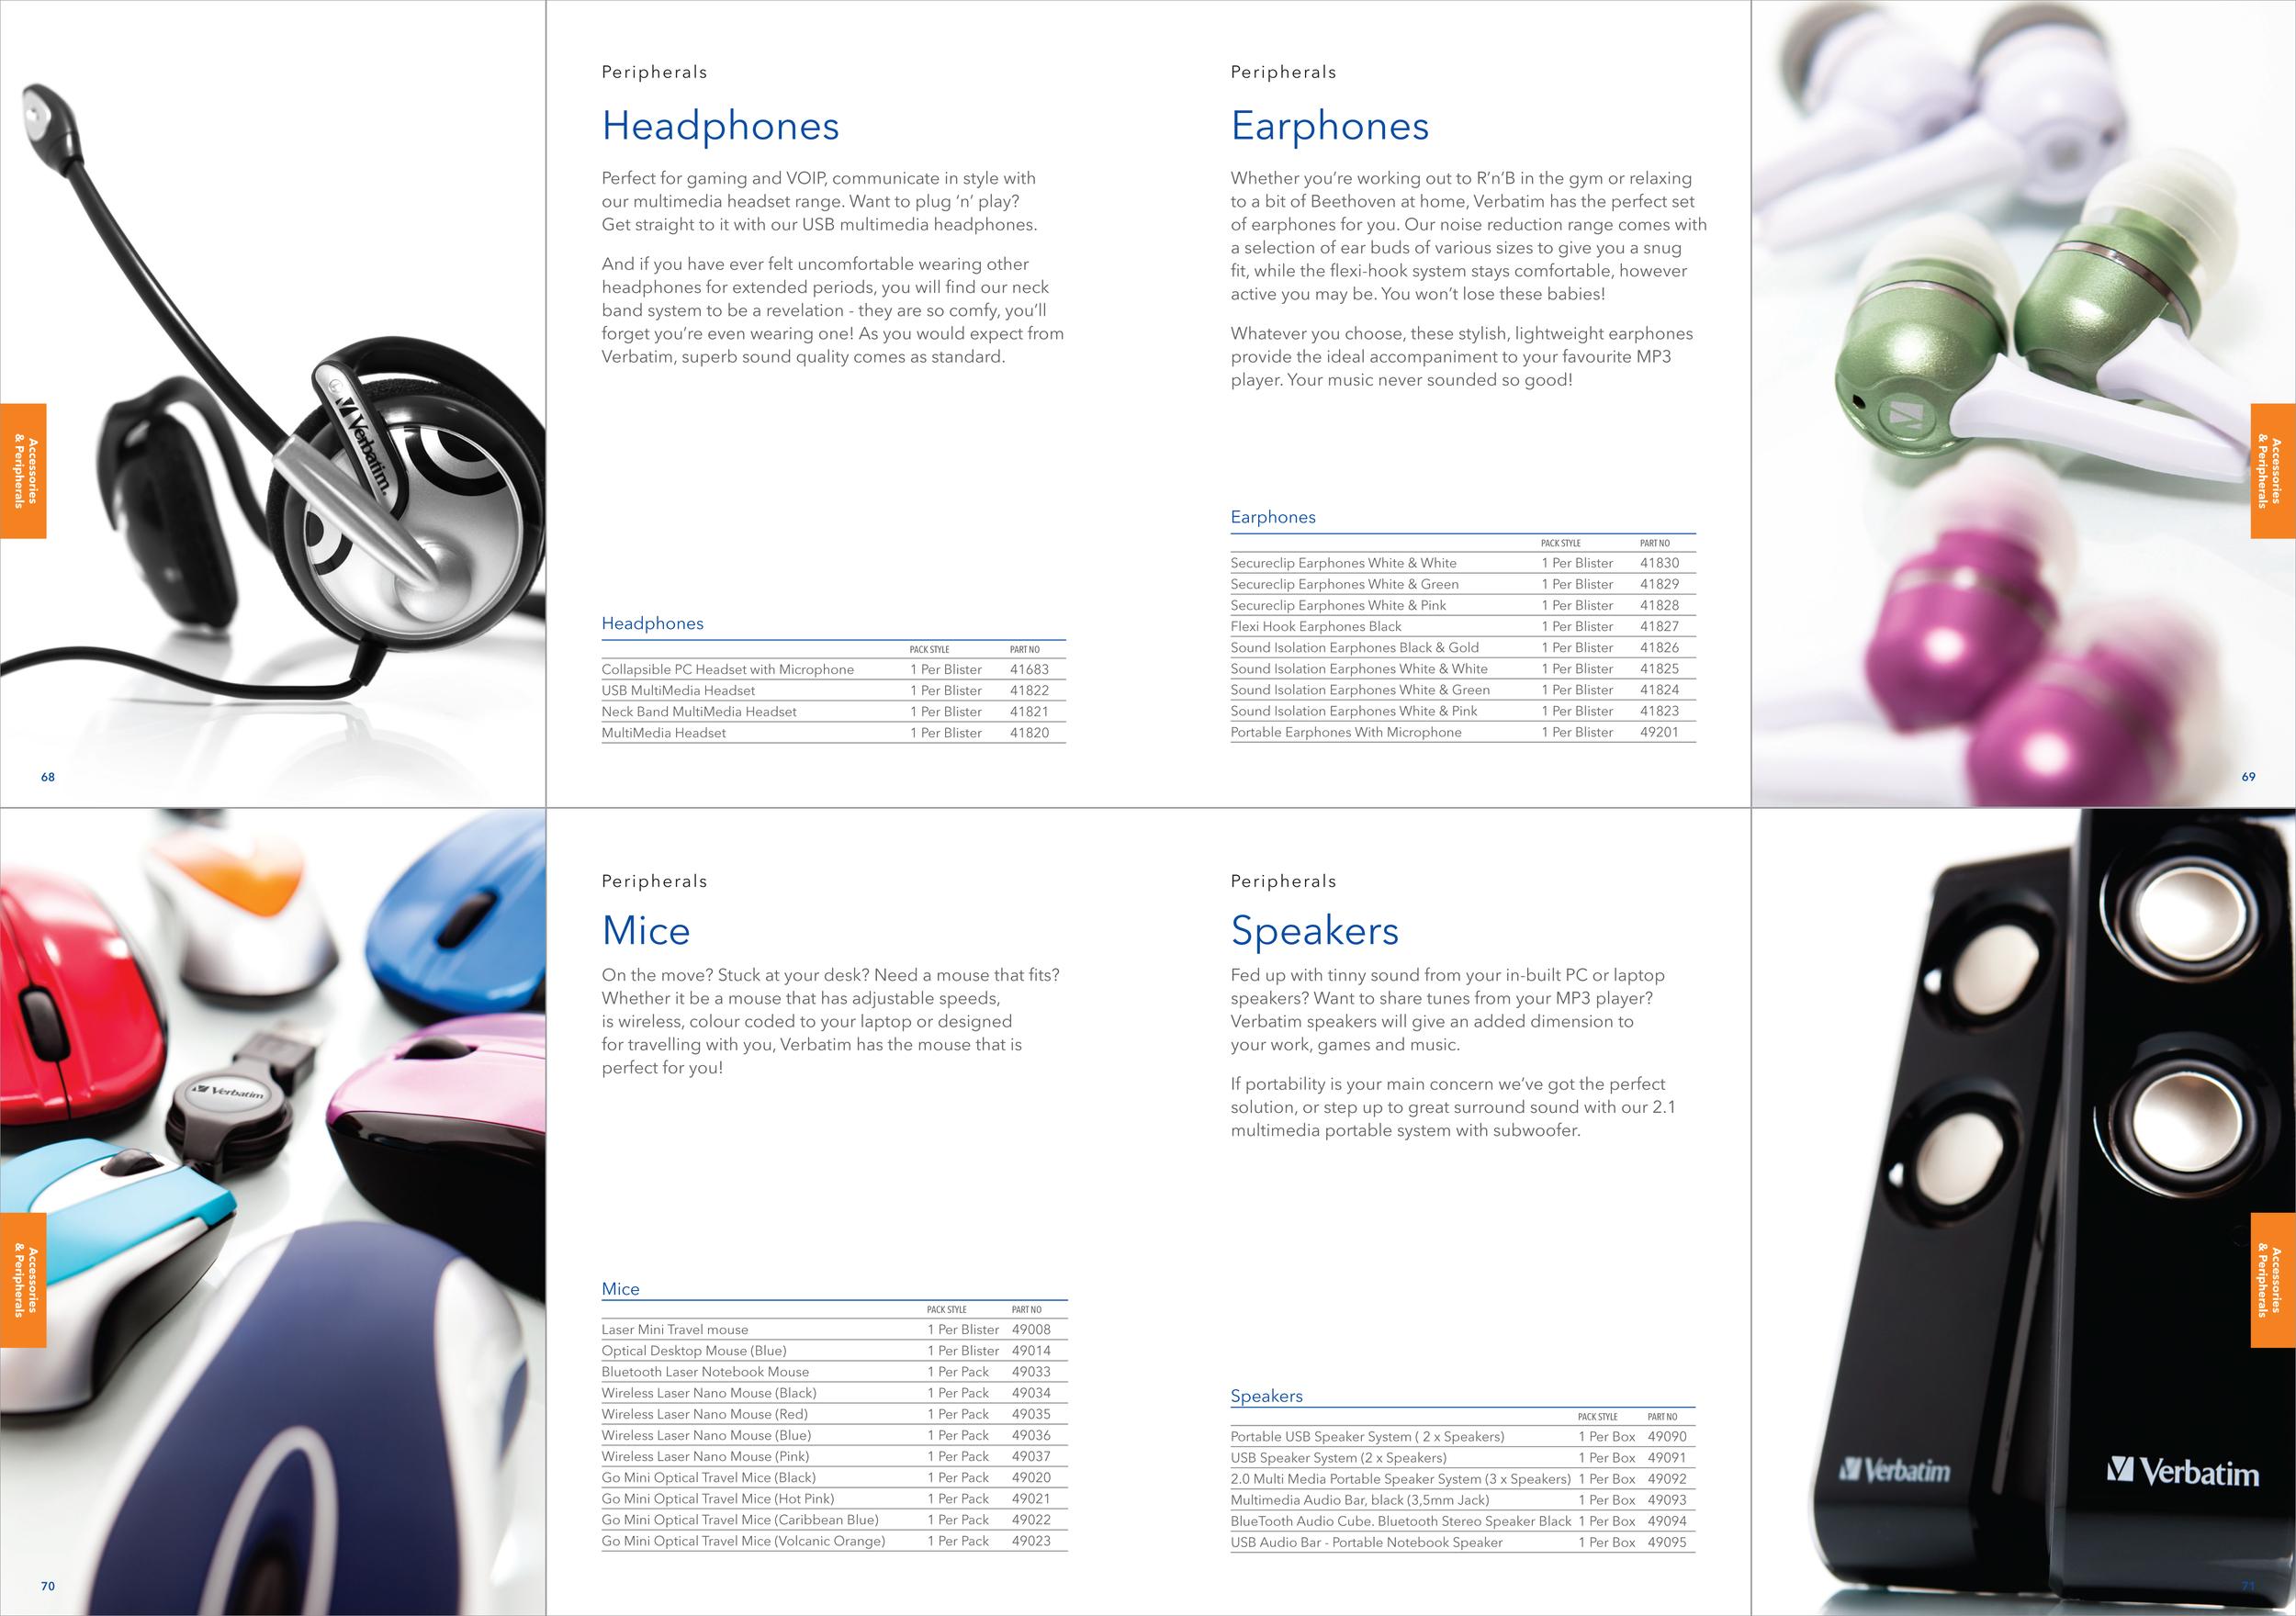 A5_ProductCatalogue_Feb_2012.indd